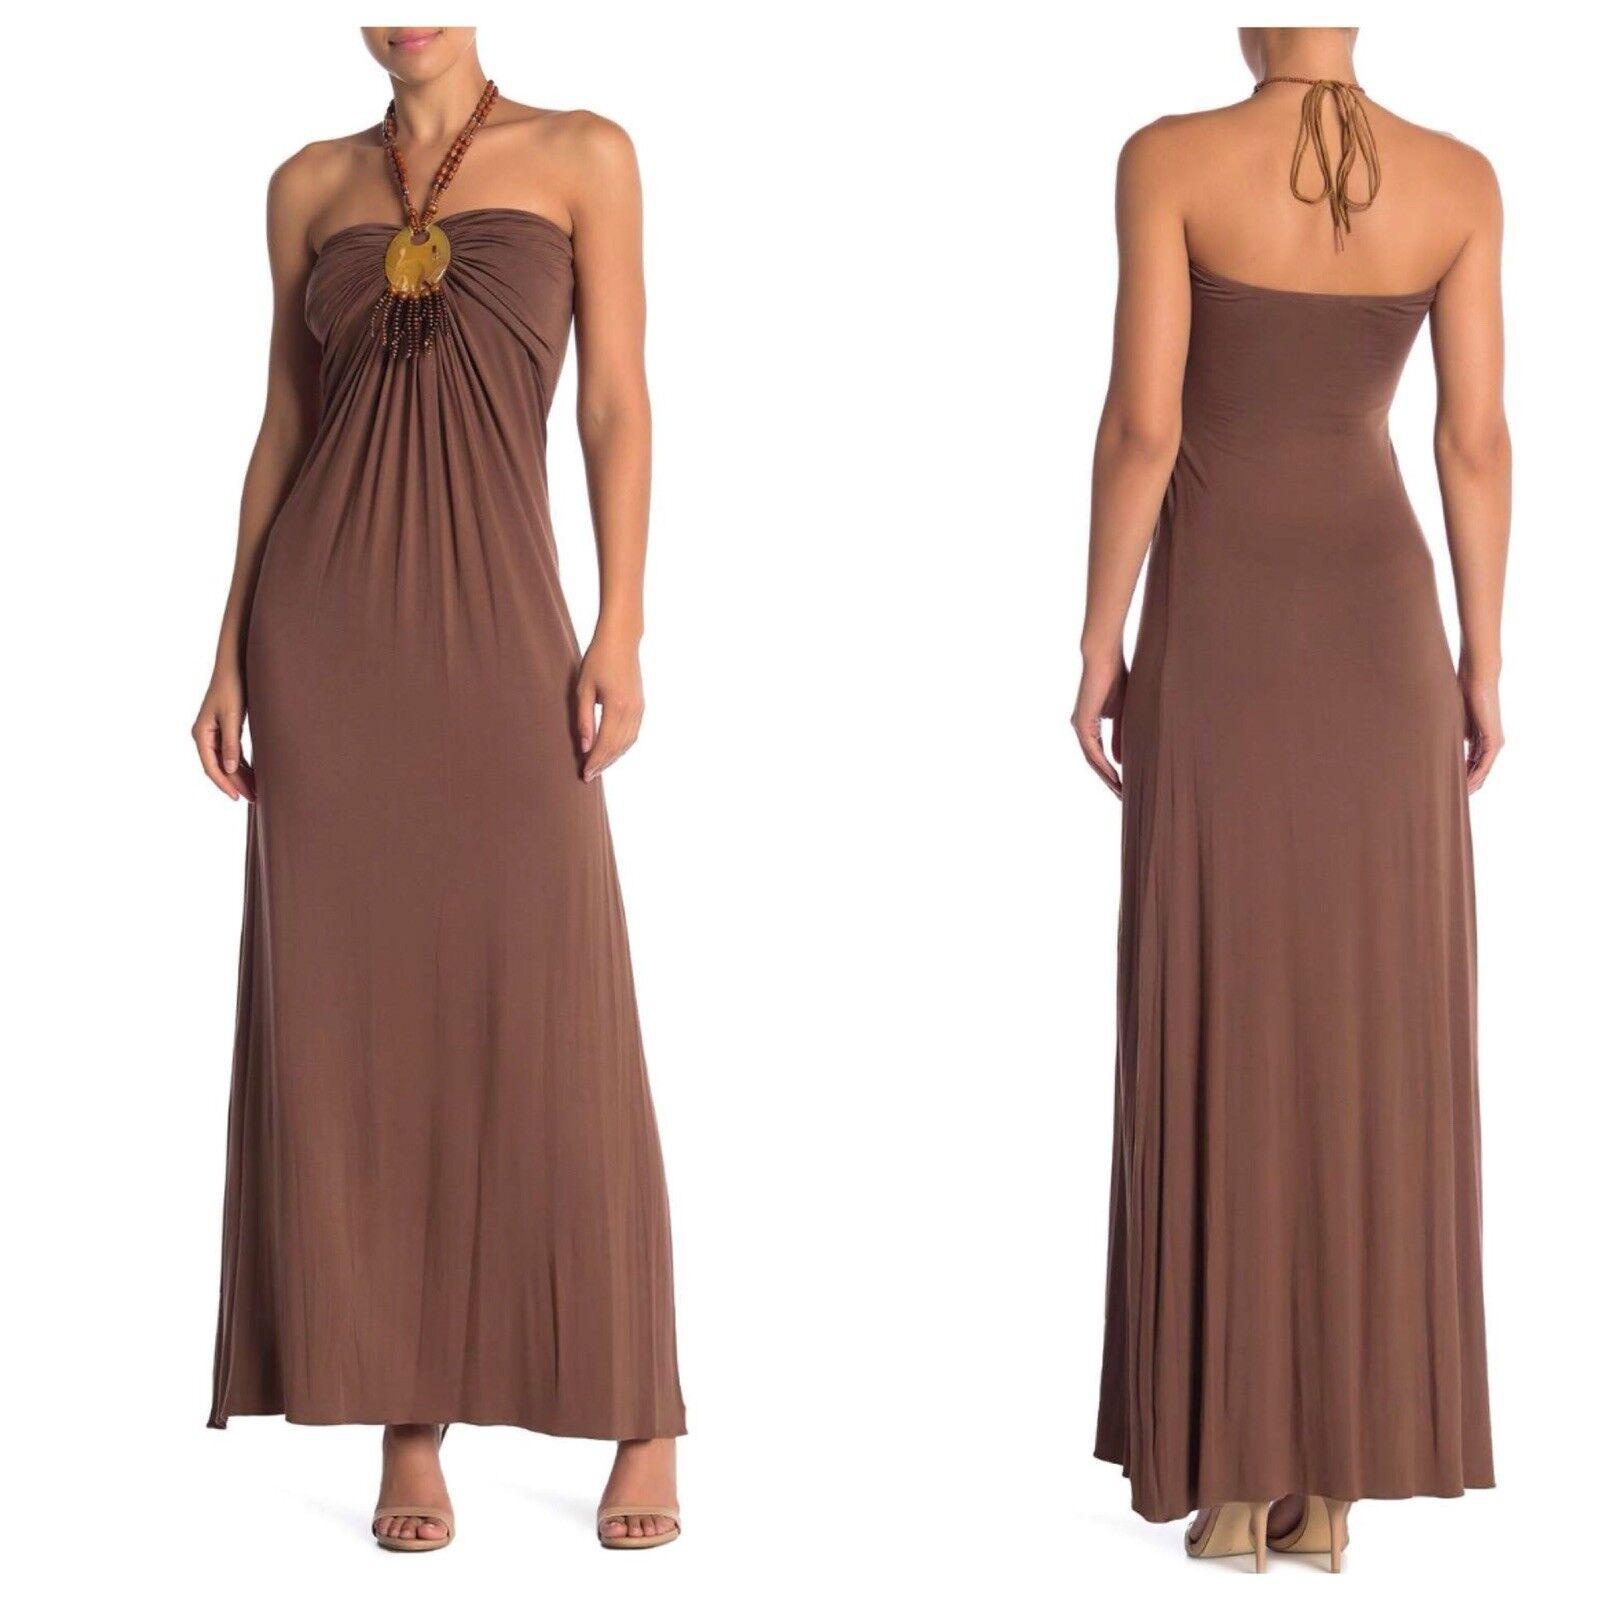 Sky Brand M Mocha Beaded Halter Maxi Dress-Medium